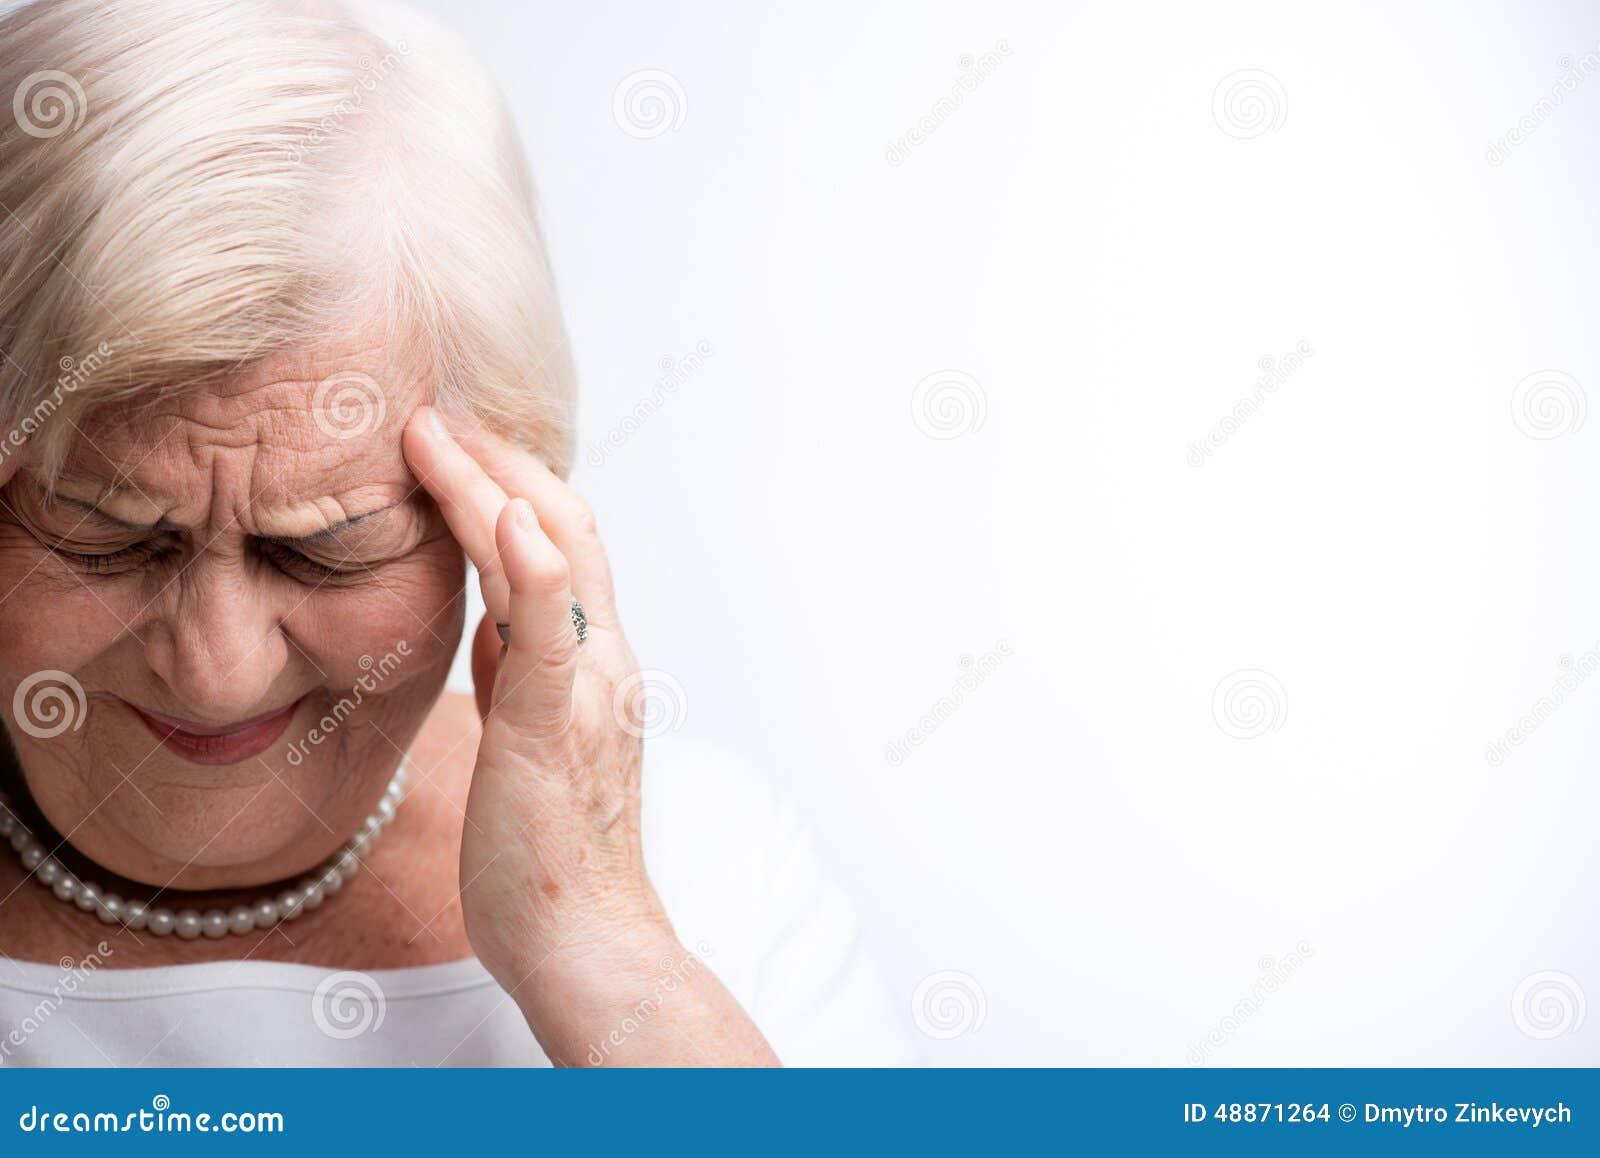 Signora anziana che tocca la sua testa con le dita